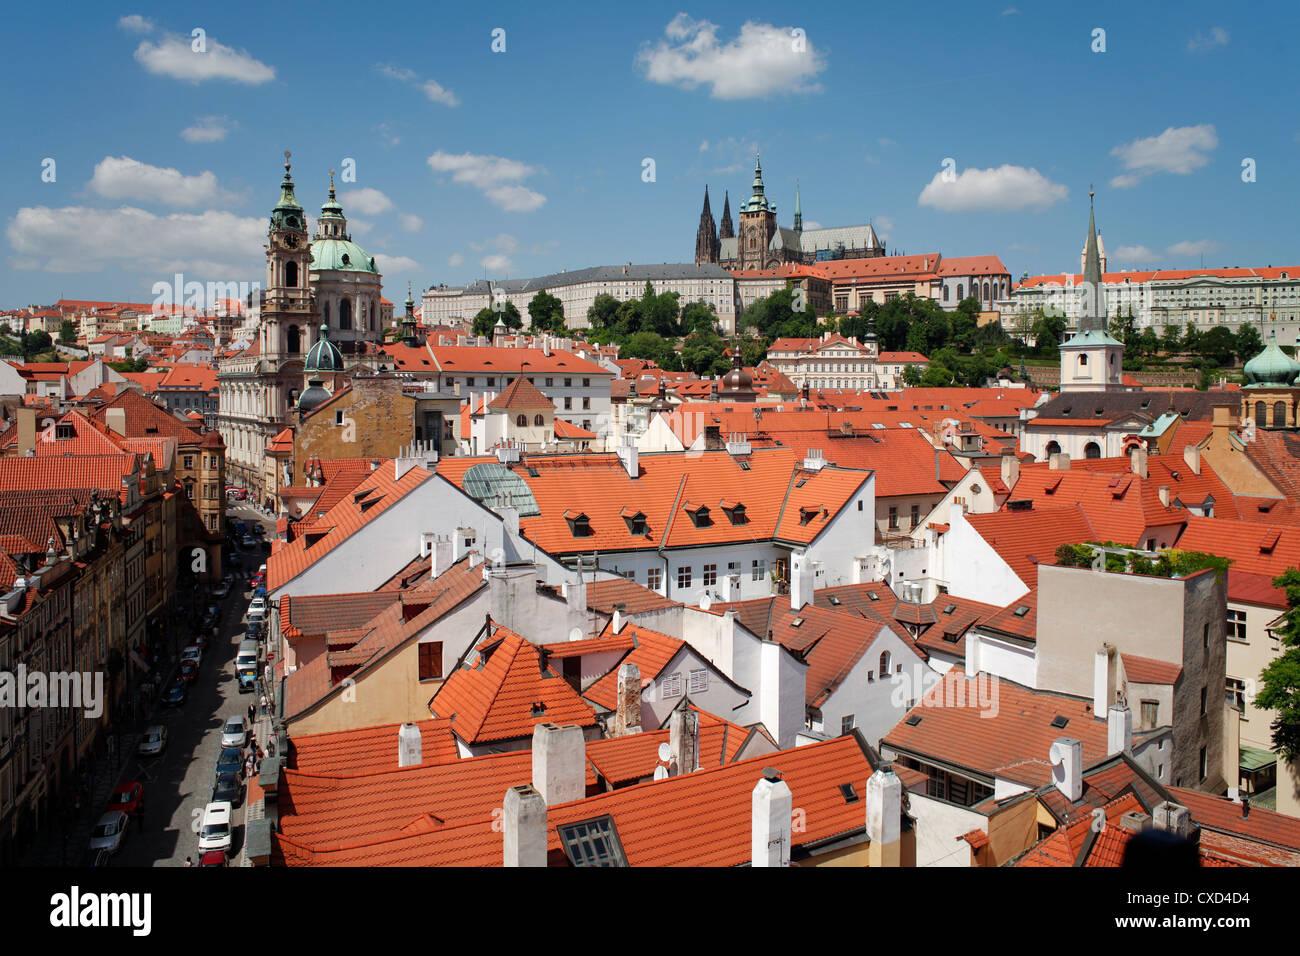 Cattedrale di San Vito e la chiesa di San Nicola, Praga, Repubblica Ceca, Europa Immagini Stock